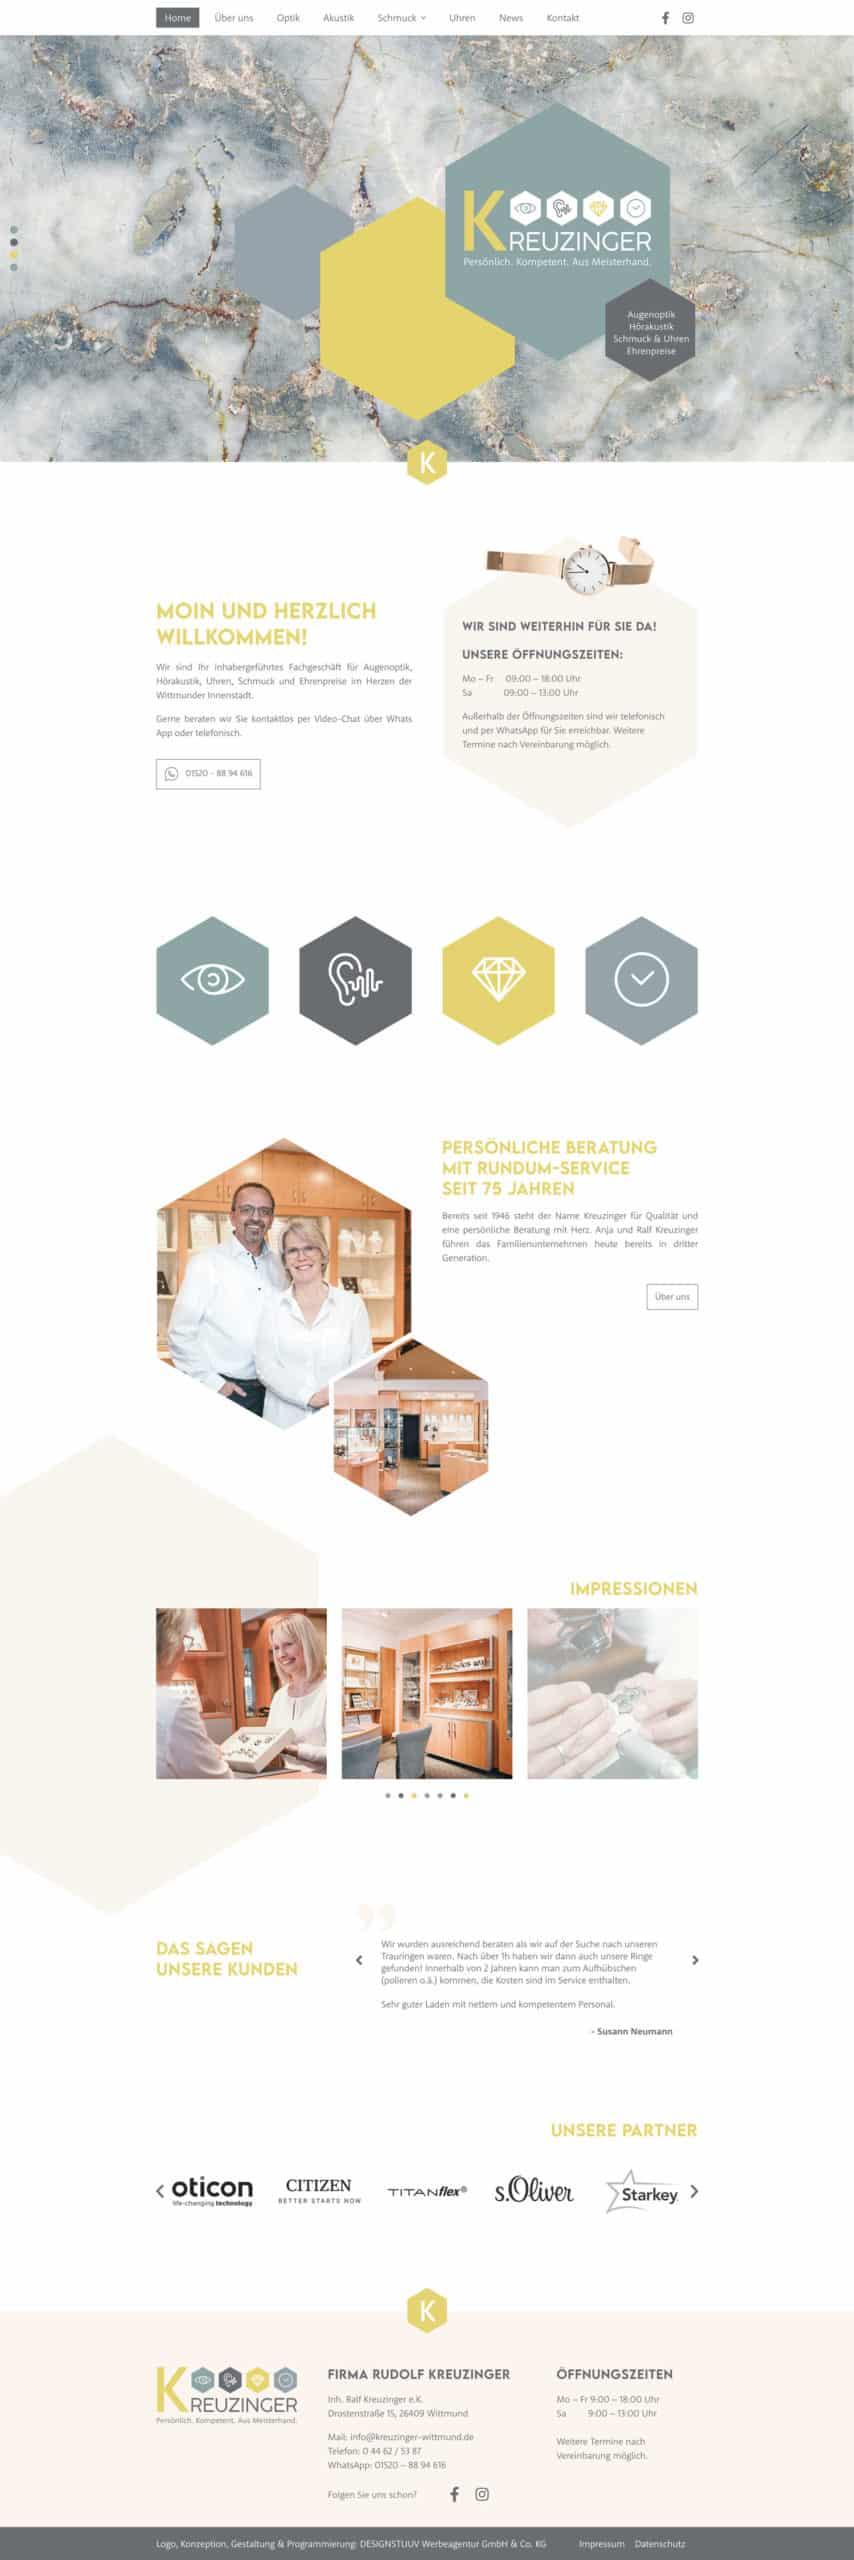 Designstuuv Referenzen Kreuzinger Website Ansicht Desktop